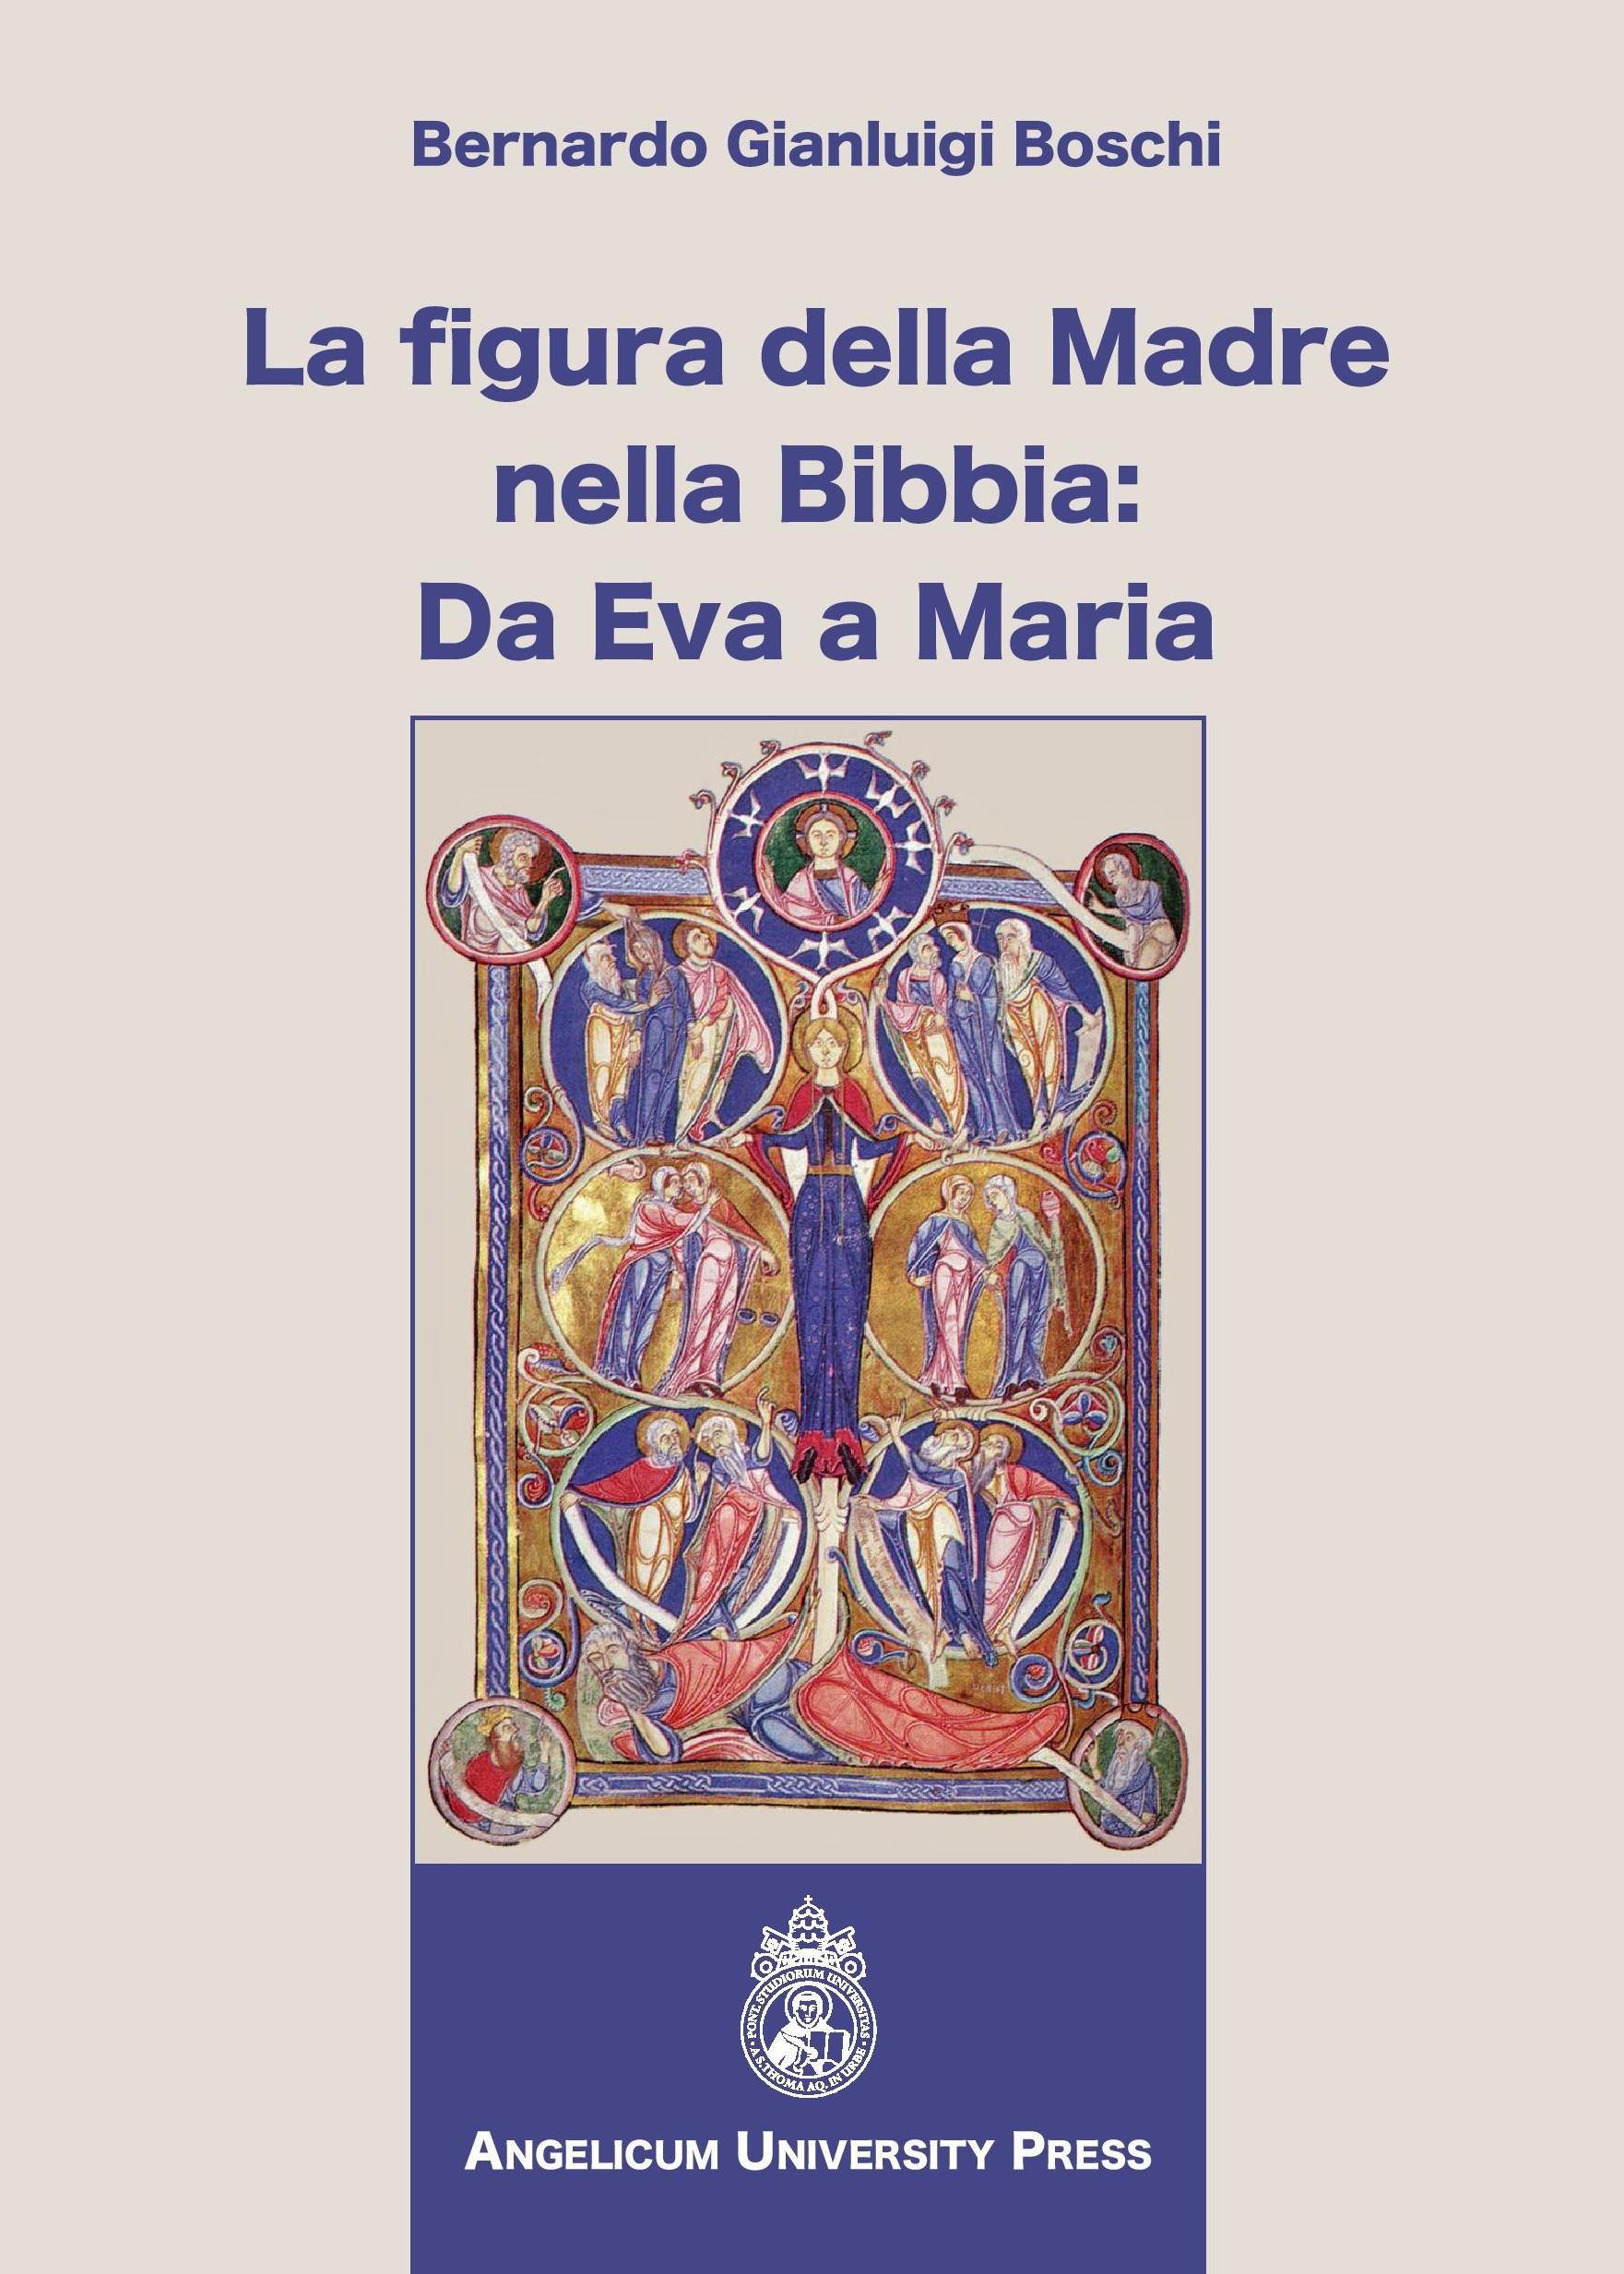 La figura della Madre nella Bibbia: da Eva a Maria book cover